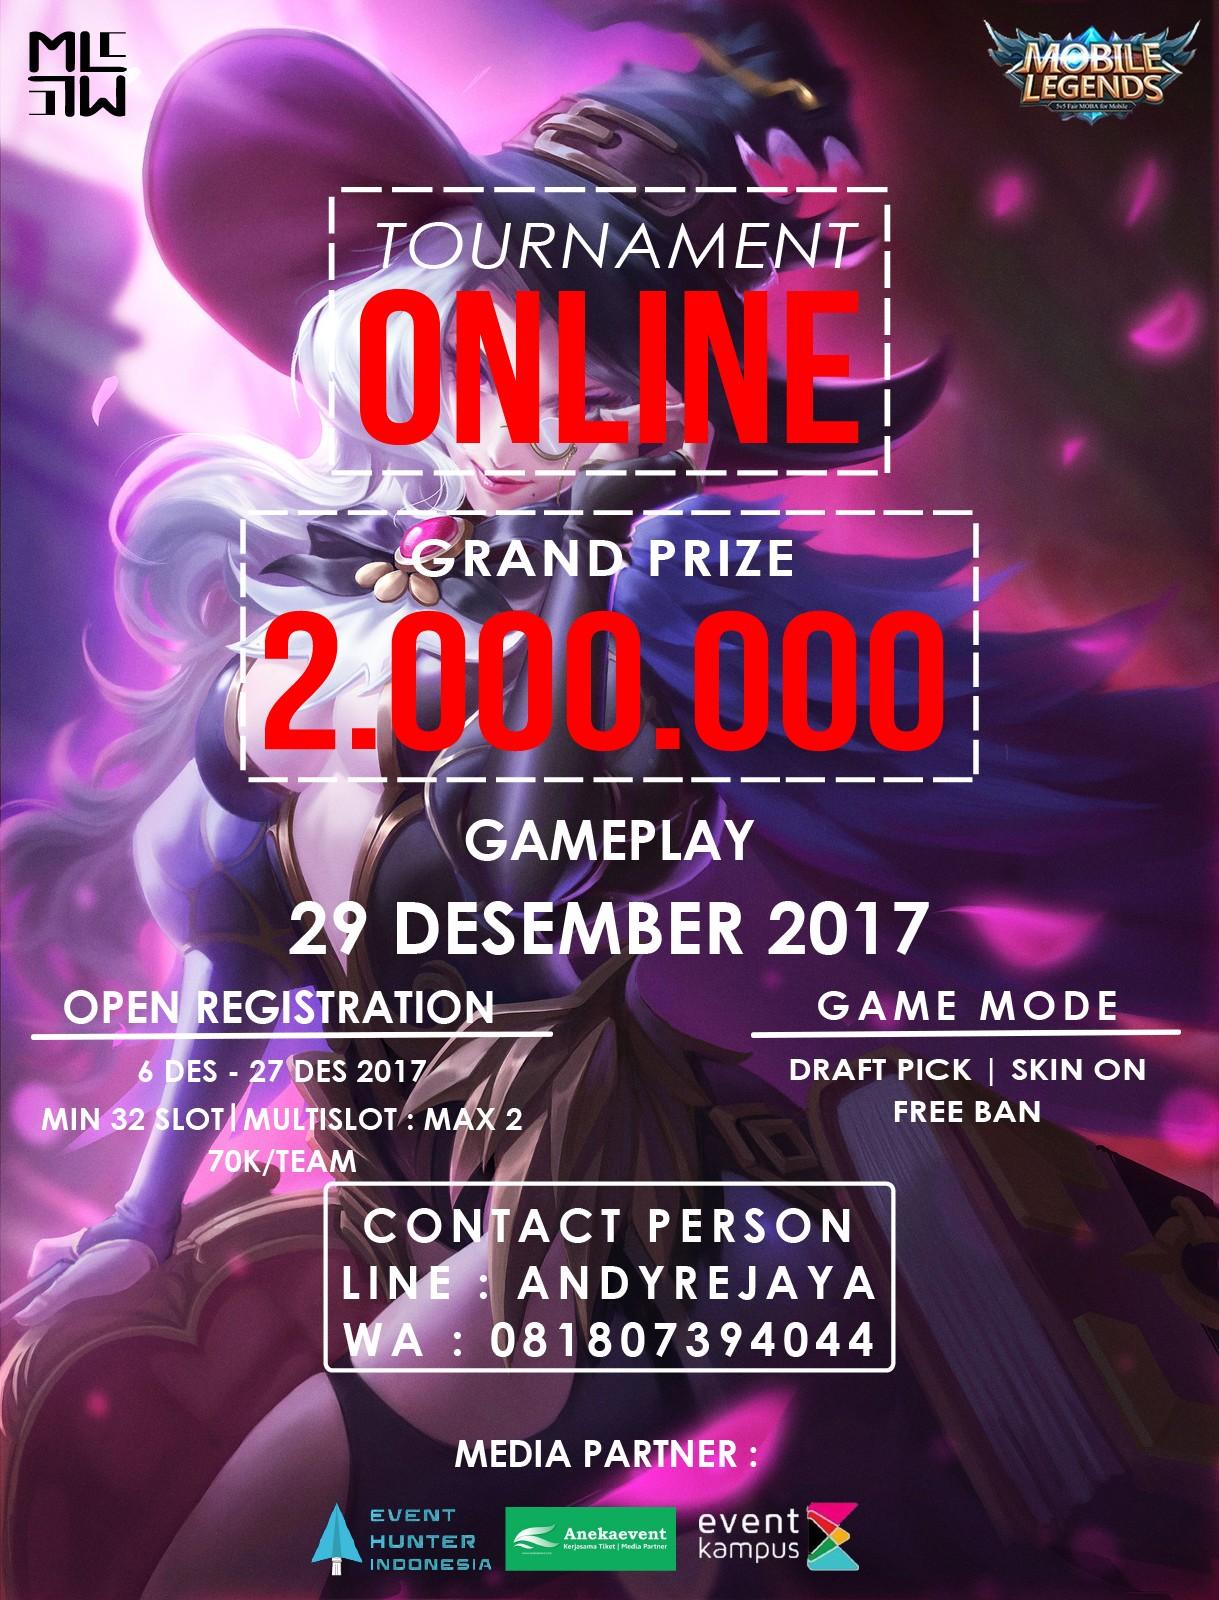 Event Calendar Mobile Legend : Turnamen online mobile legend condet eventkampus